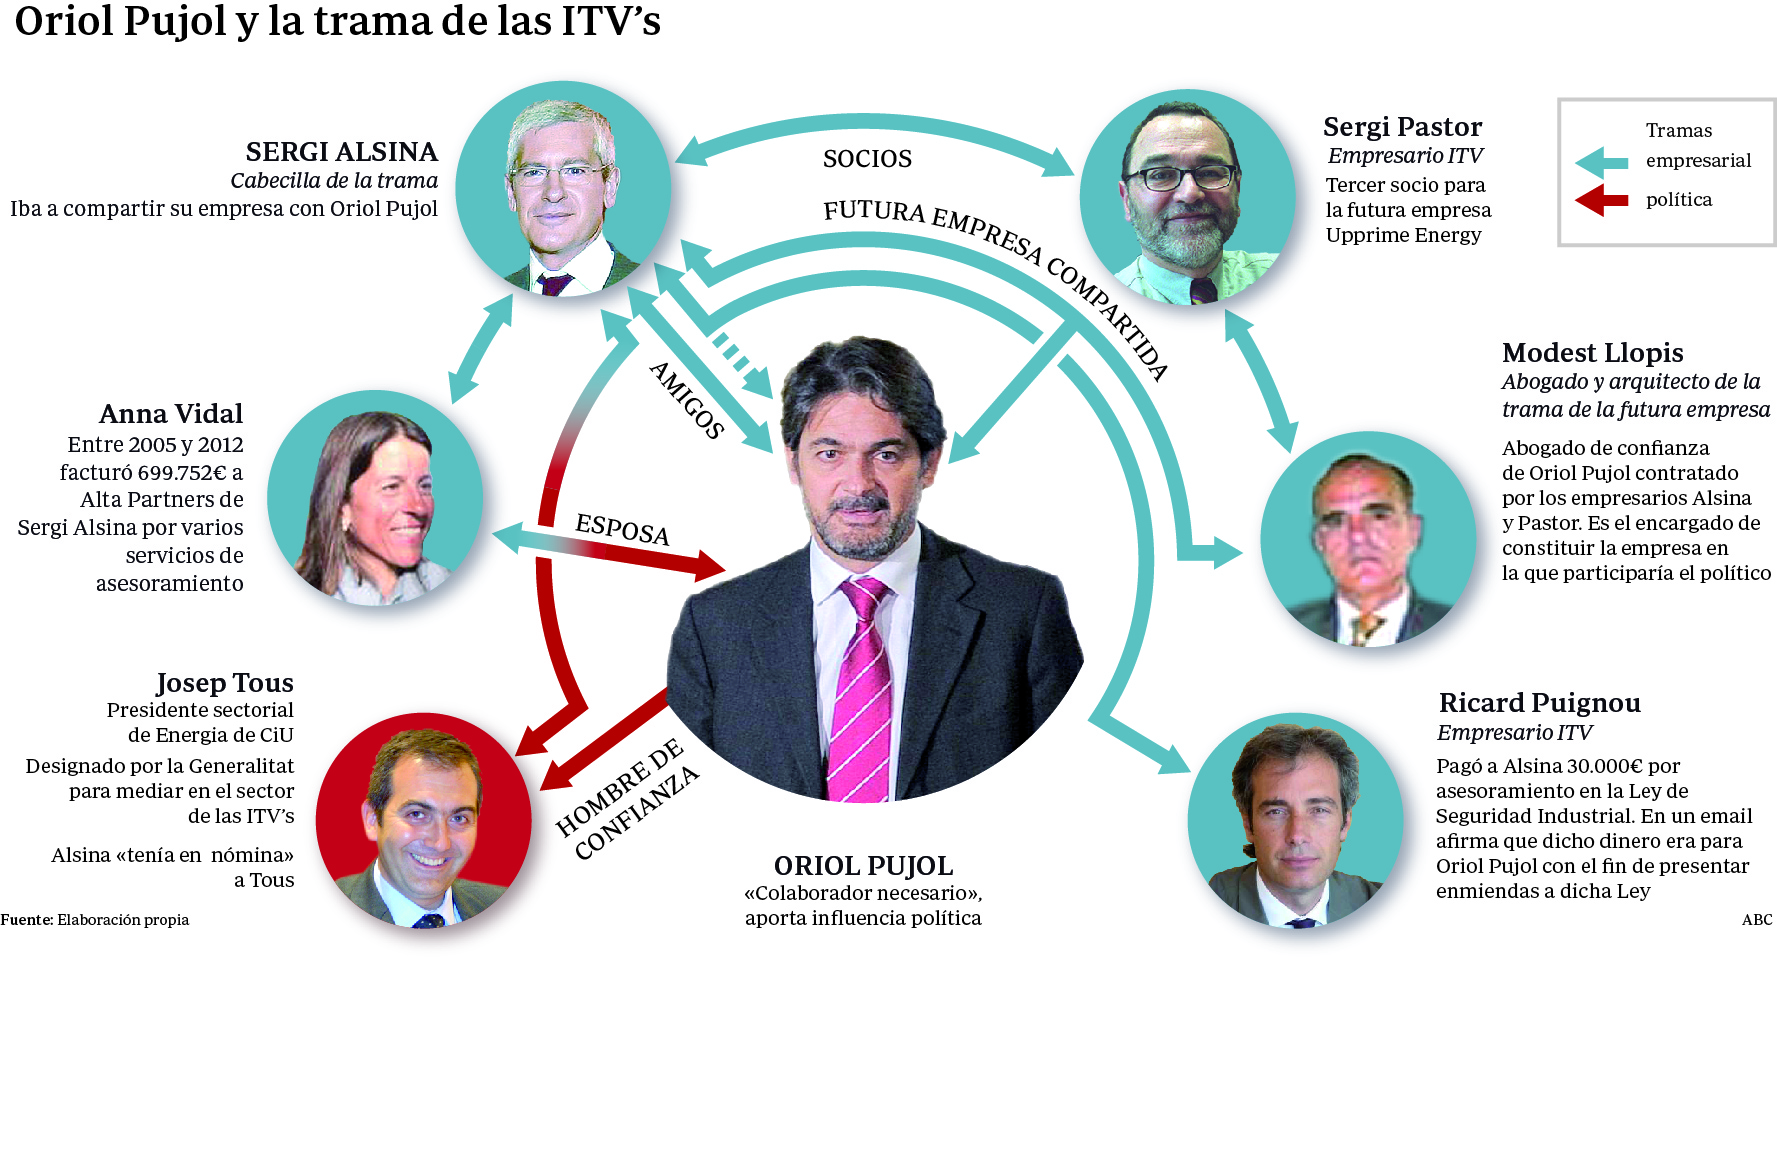 La juez del caso ITV cree que Oriol Pujol cobró 700.000 euros en comisiones